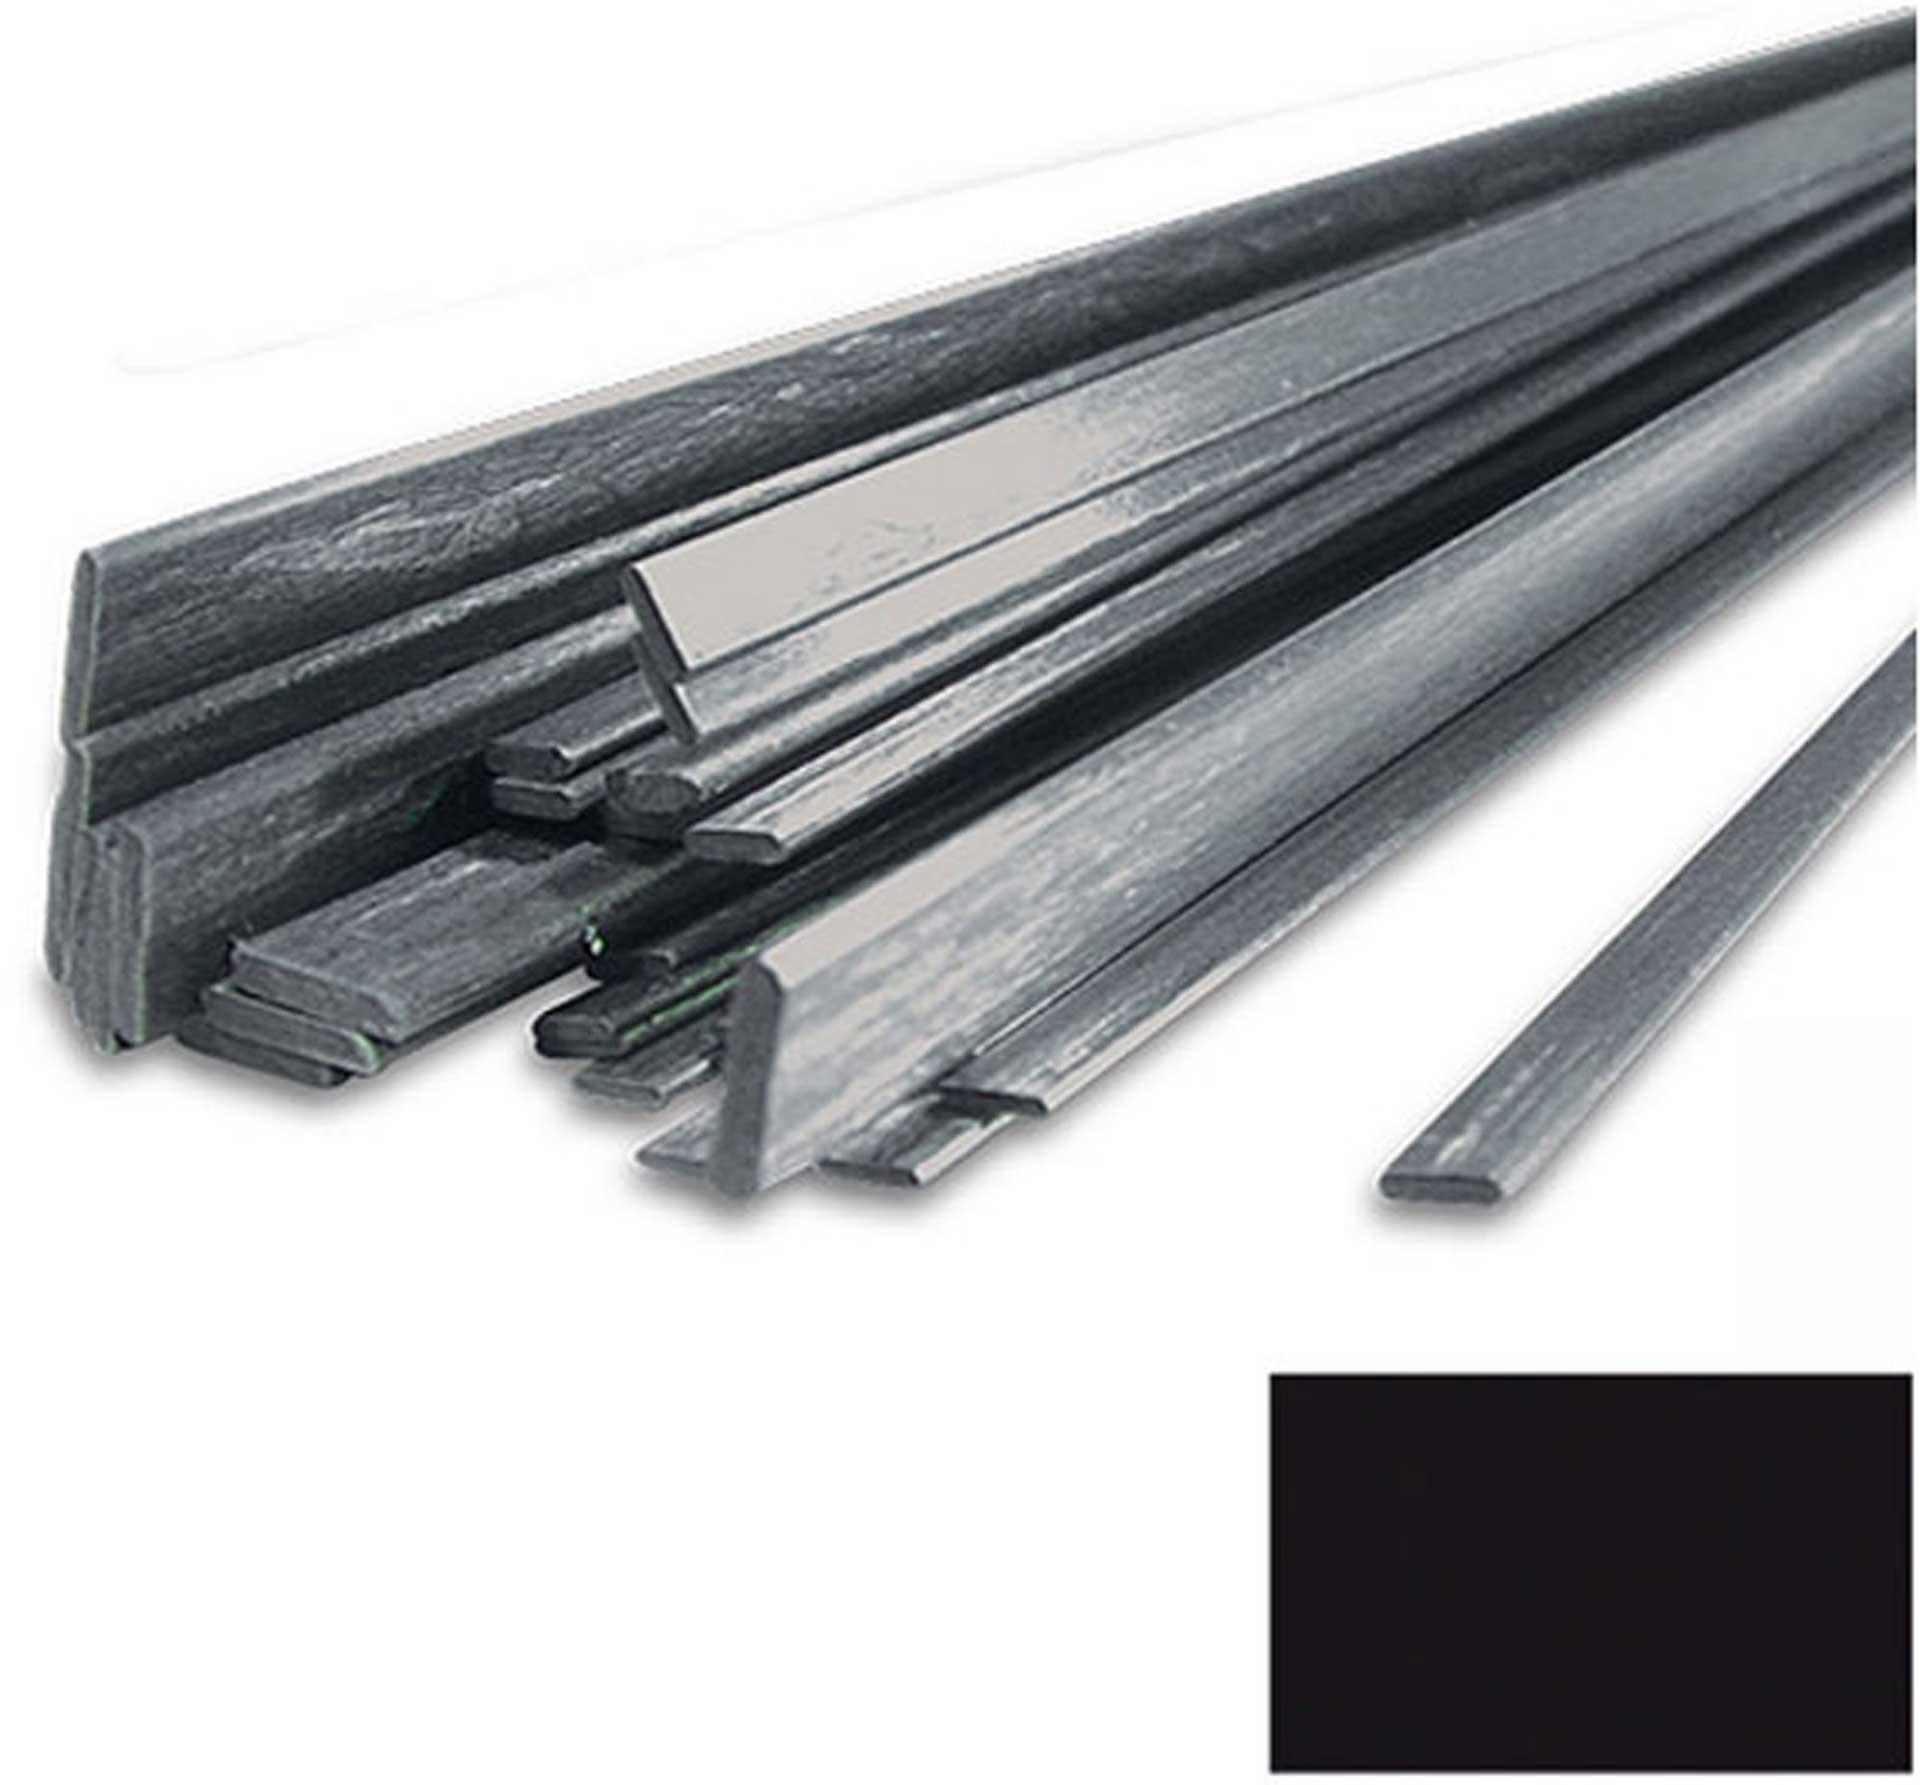 R&G CFK-Rechteckstab (3,0 x 0,8) x 1000 mm